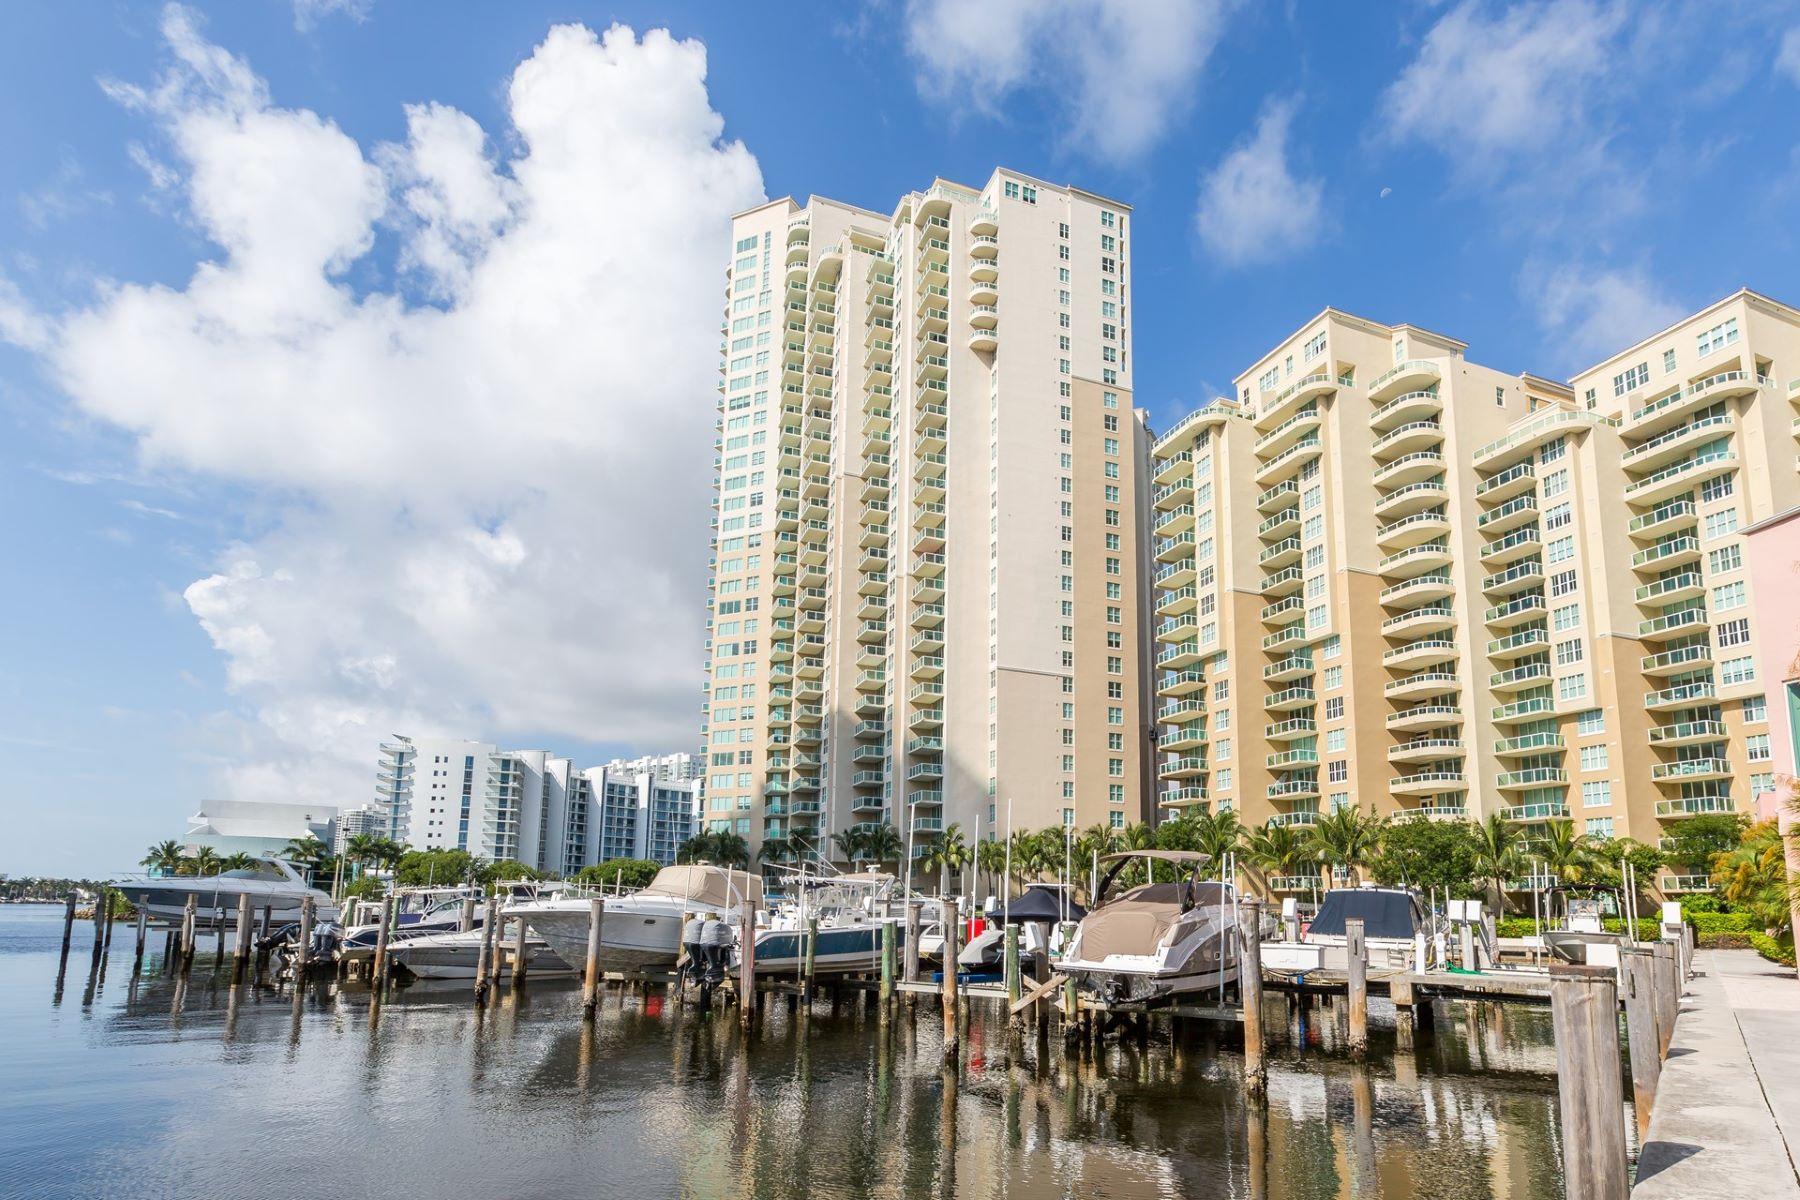 Condominium for Rent at 3340 NE 190 ST 3340 NE 190 ST # 407 Aventura, Florida 33180 United States